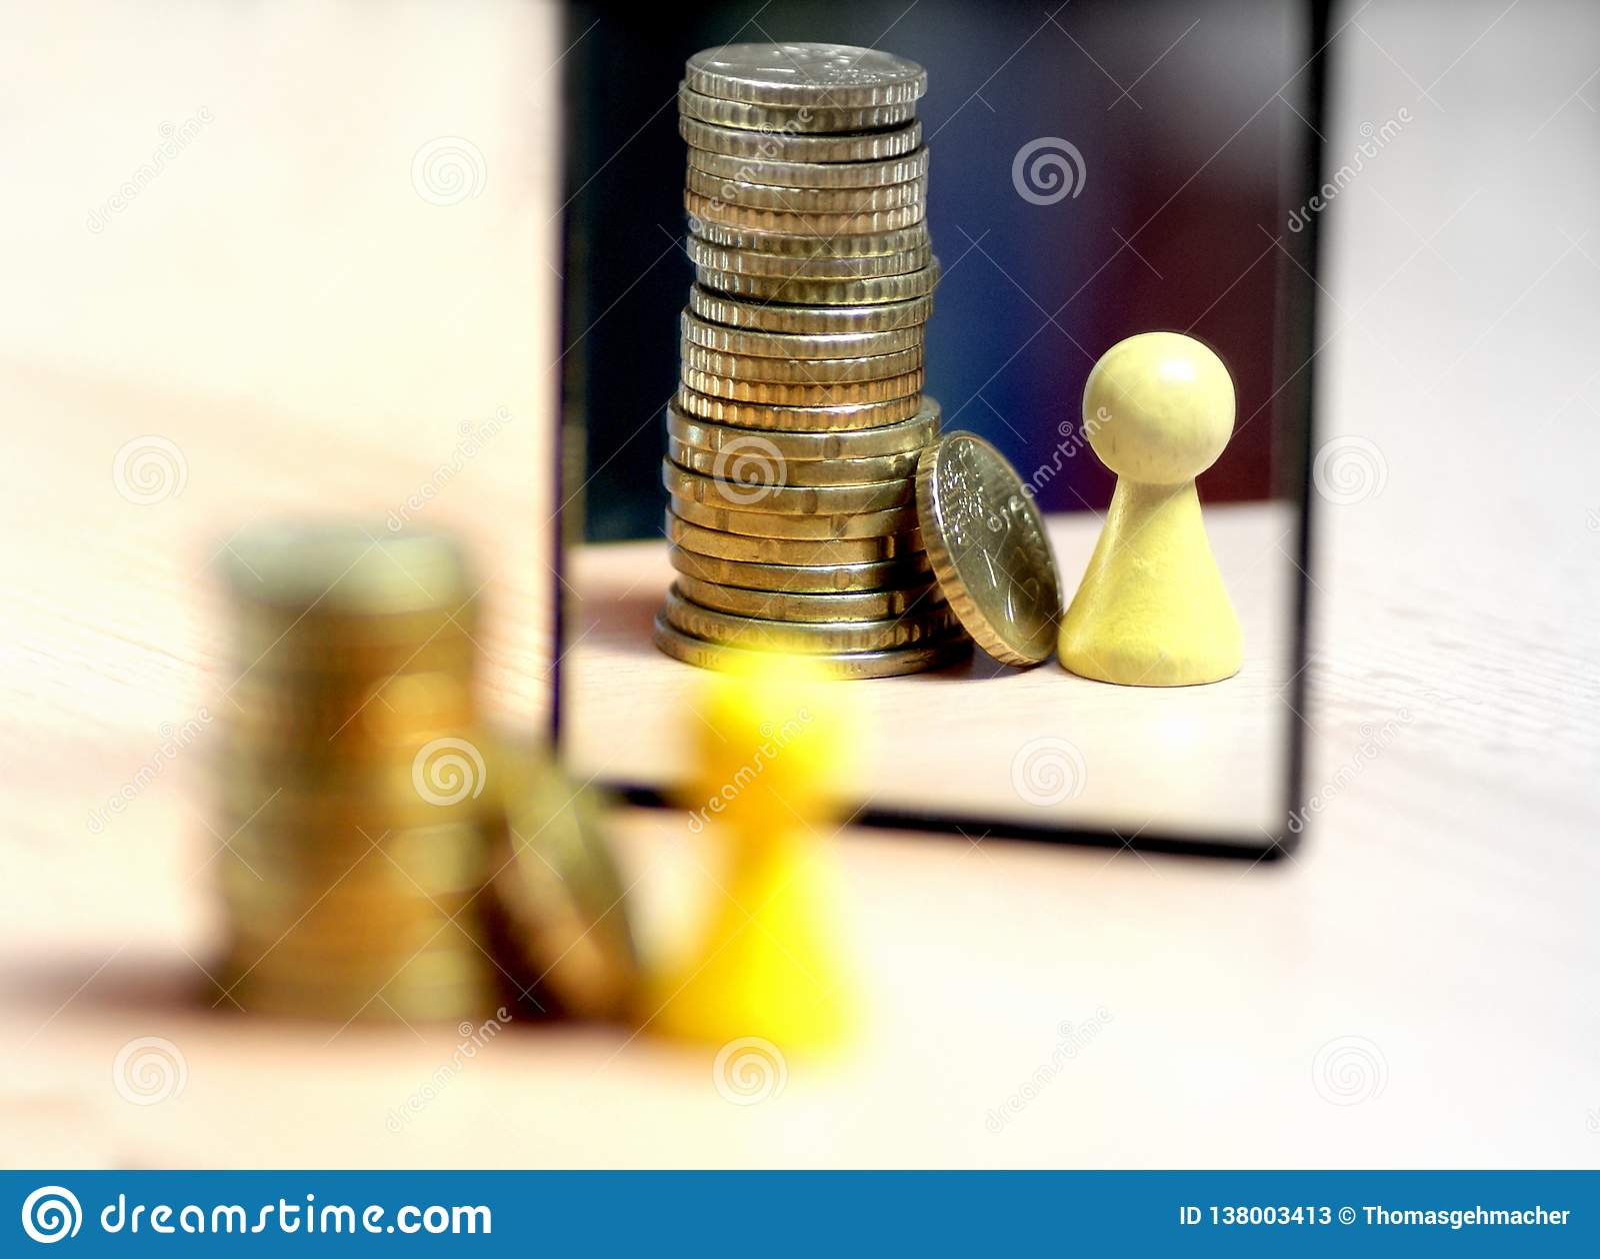 Видеть даже больше денег в зеркале